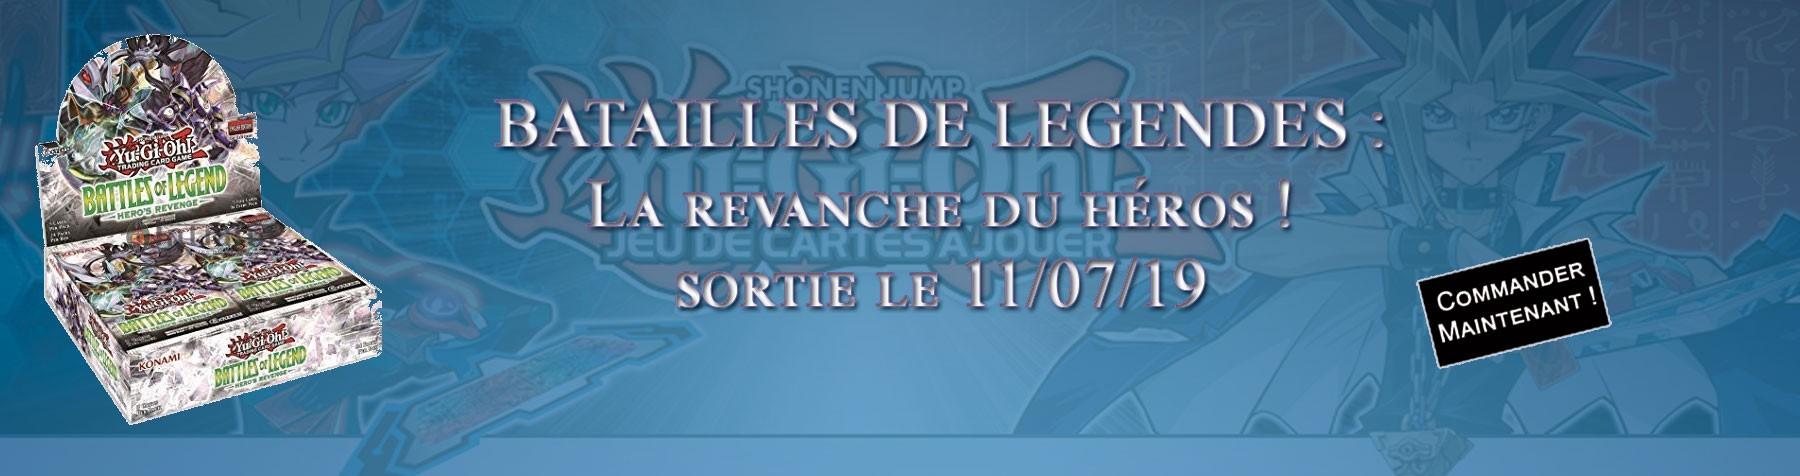 Bataille de Légende - Revanche du Héros